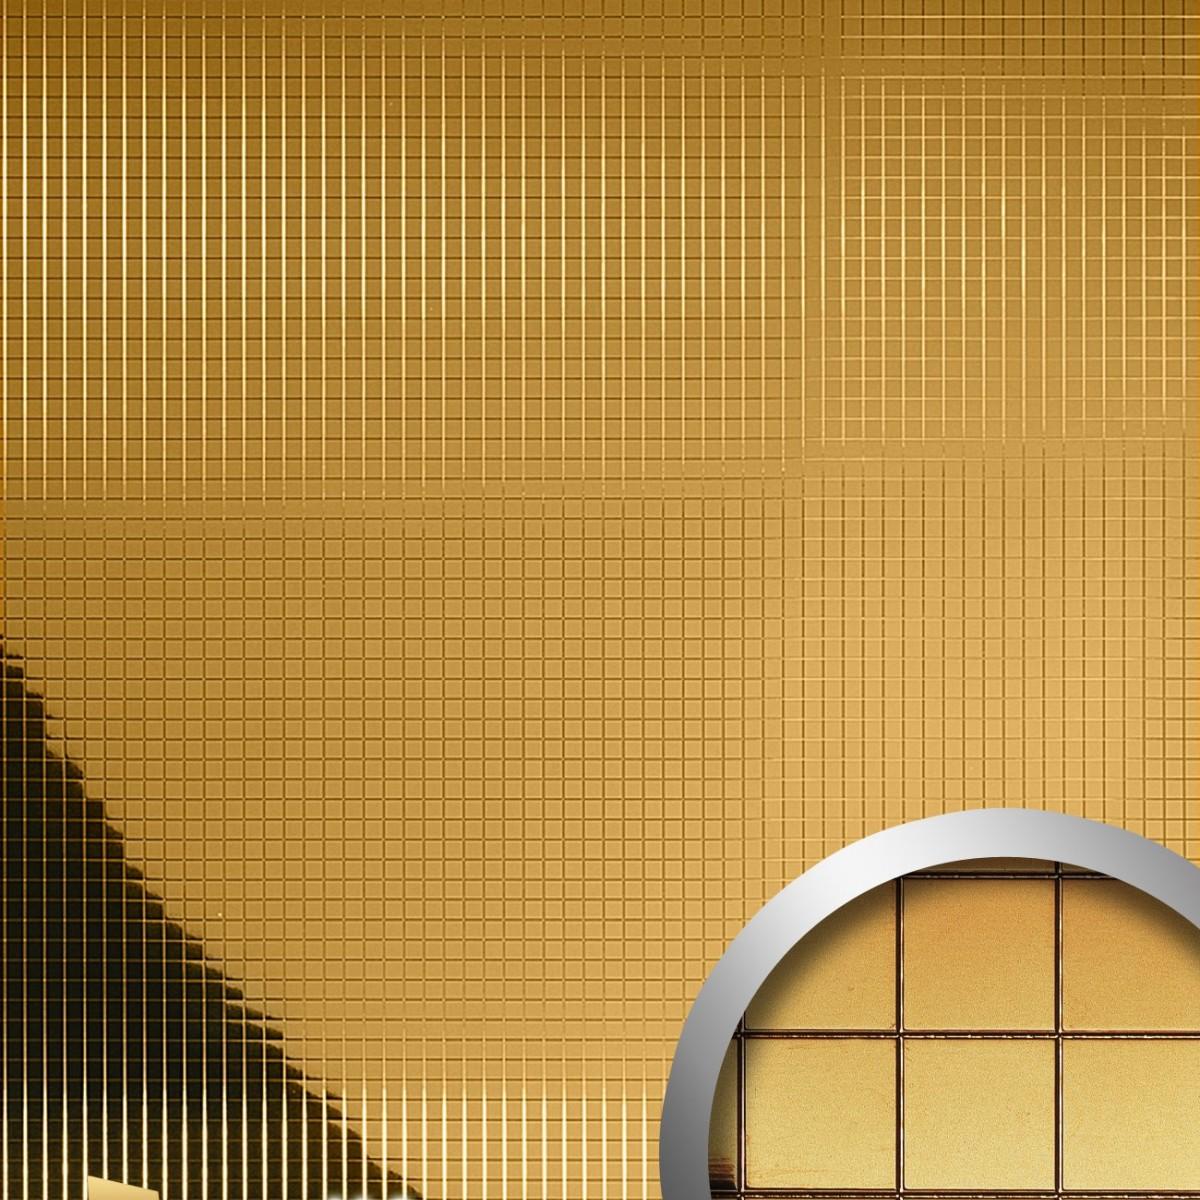 Panou decorativ M-STYLE 10581, WallFace, autocolant